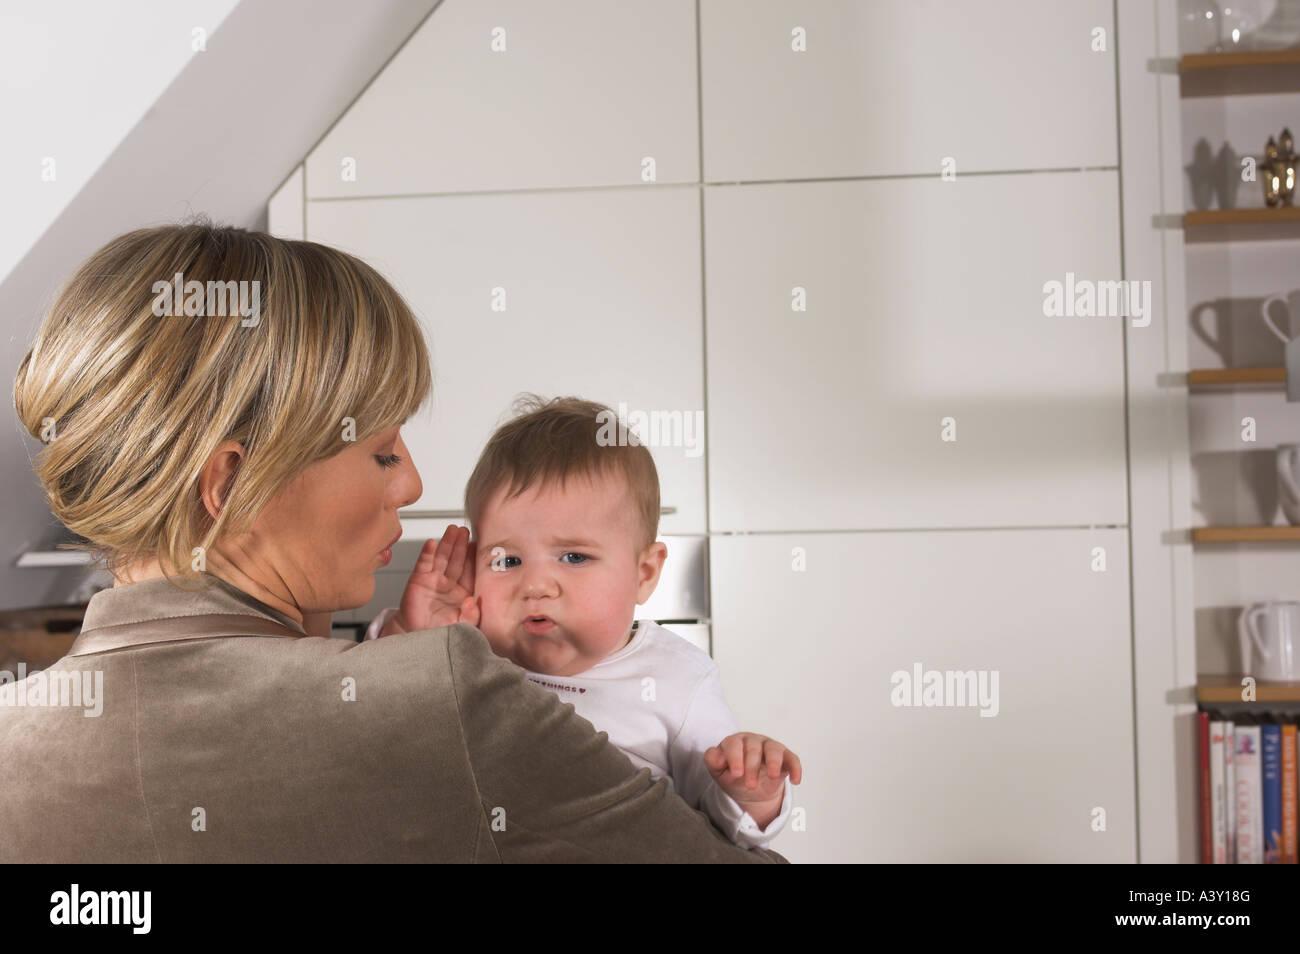 Vue arrière du souligné young businesswoman holding baby Banque D'Images